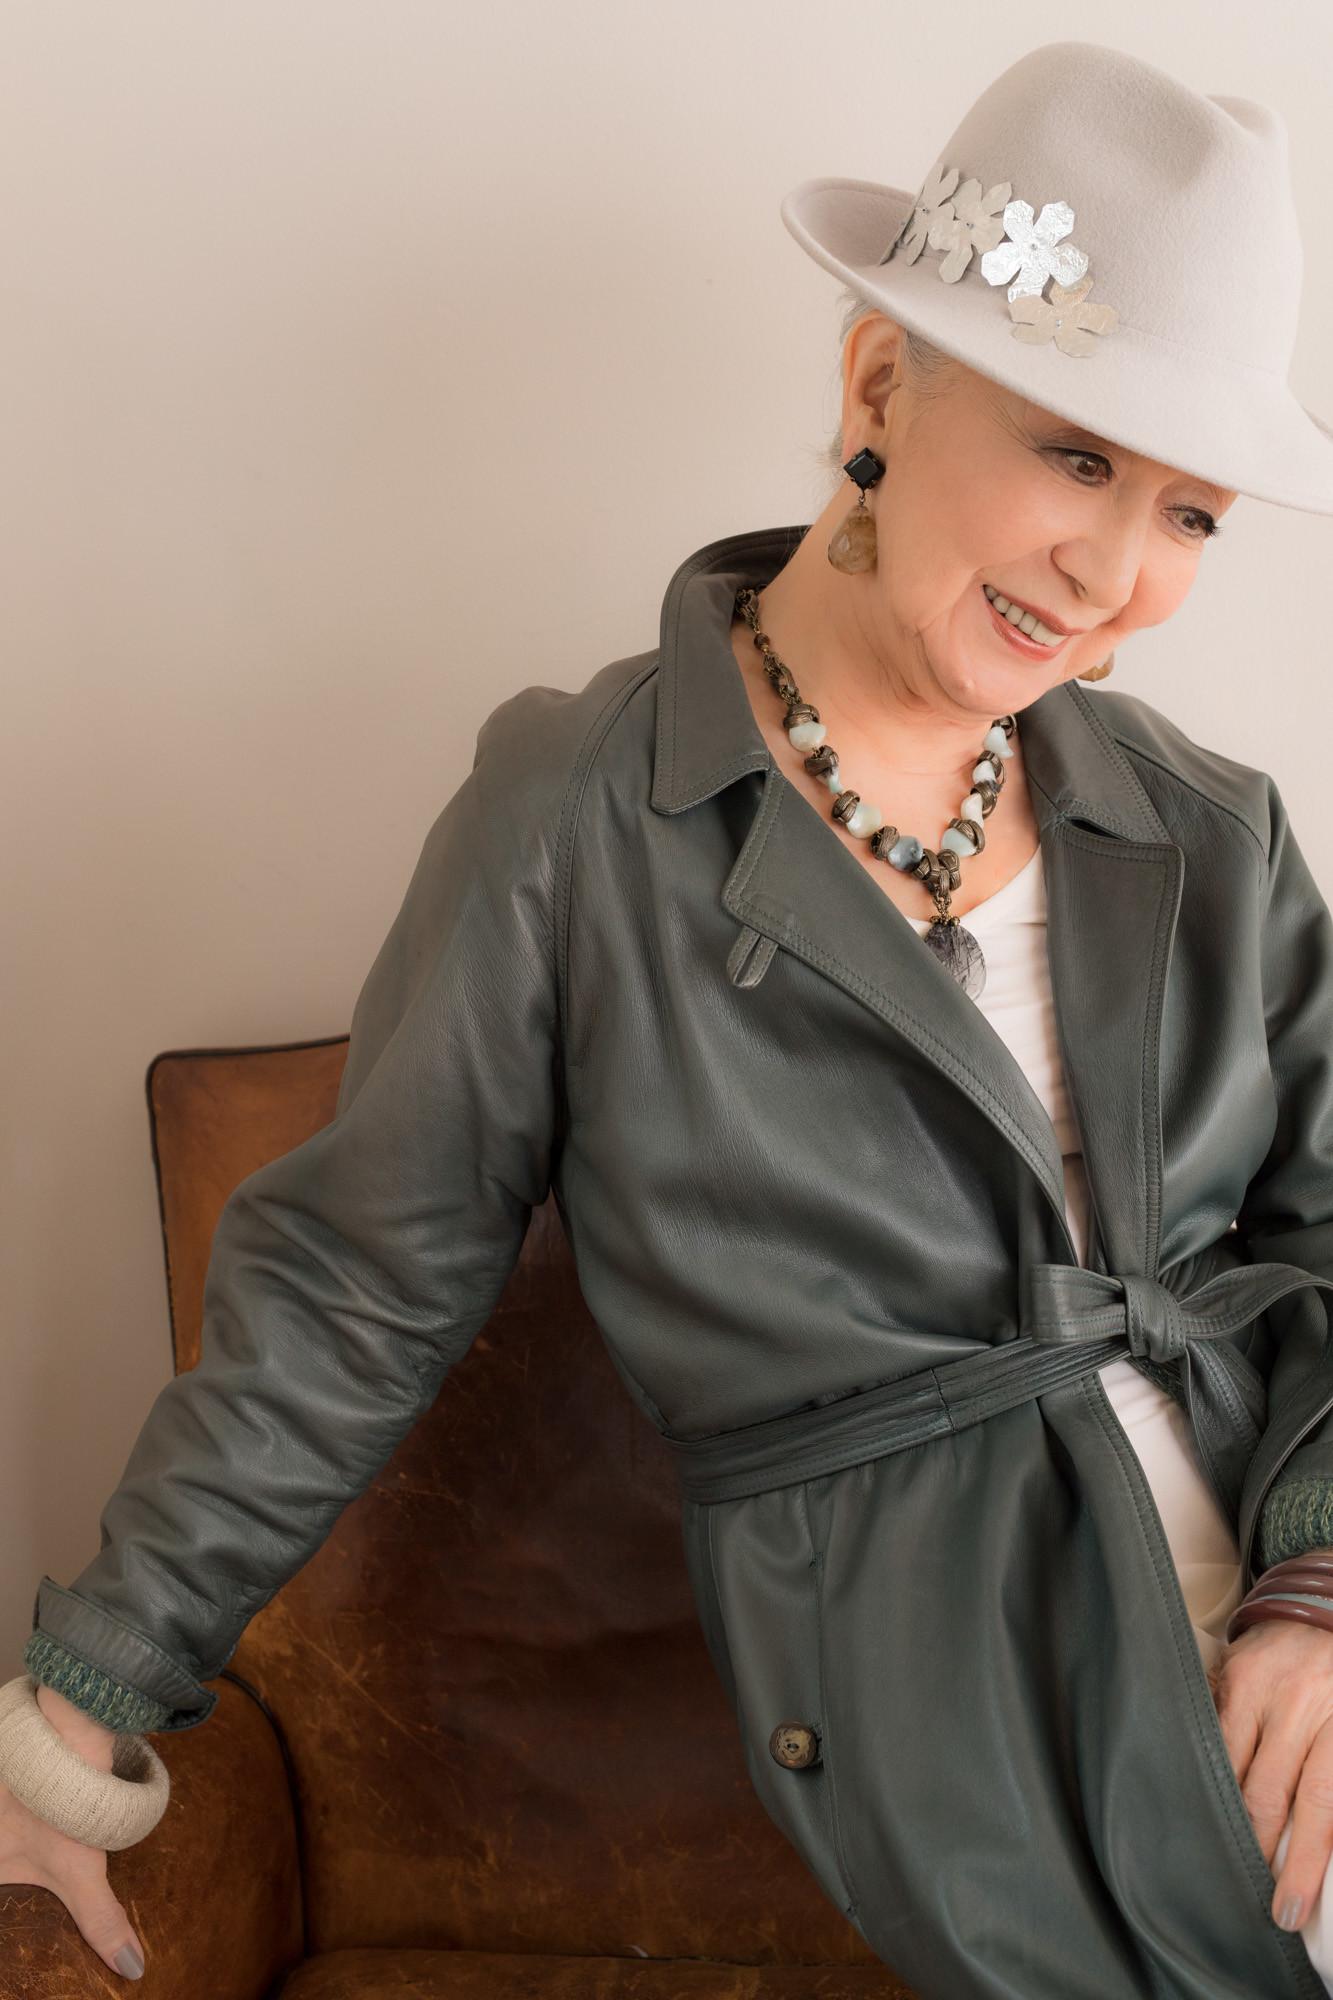 84歳のファッションリーダー草笛光子が語るファッション観